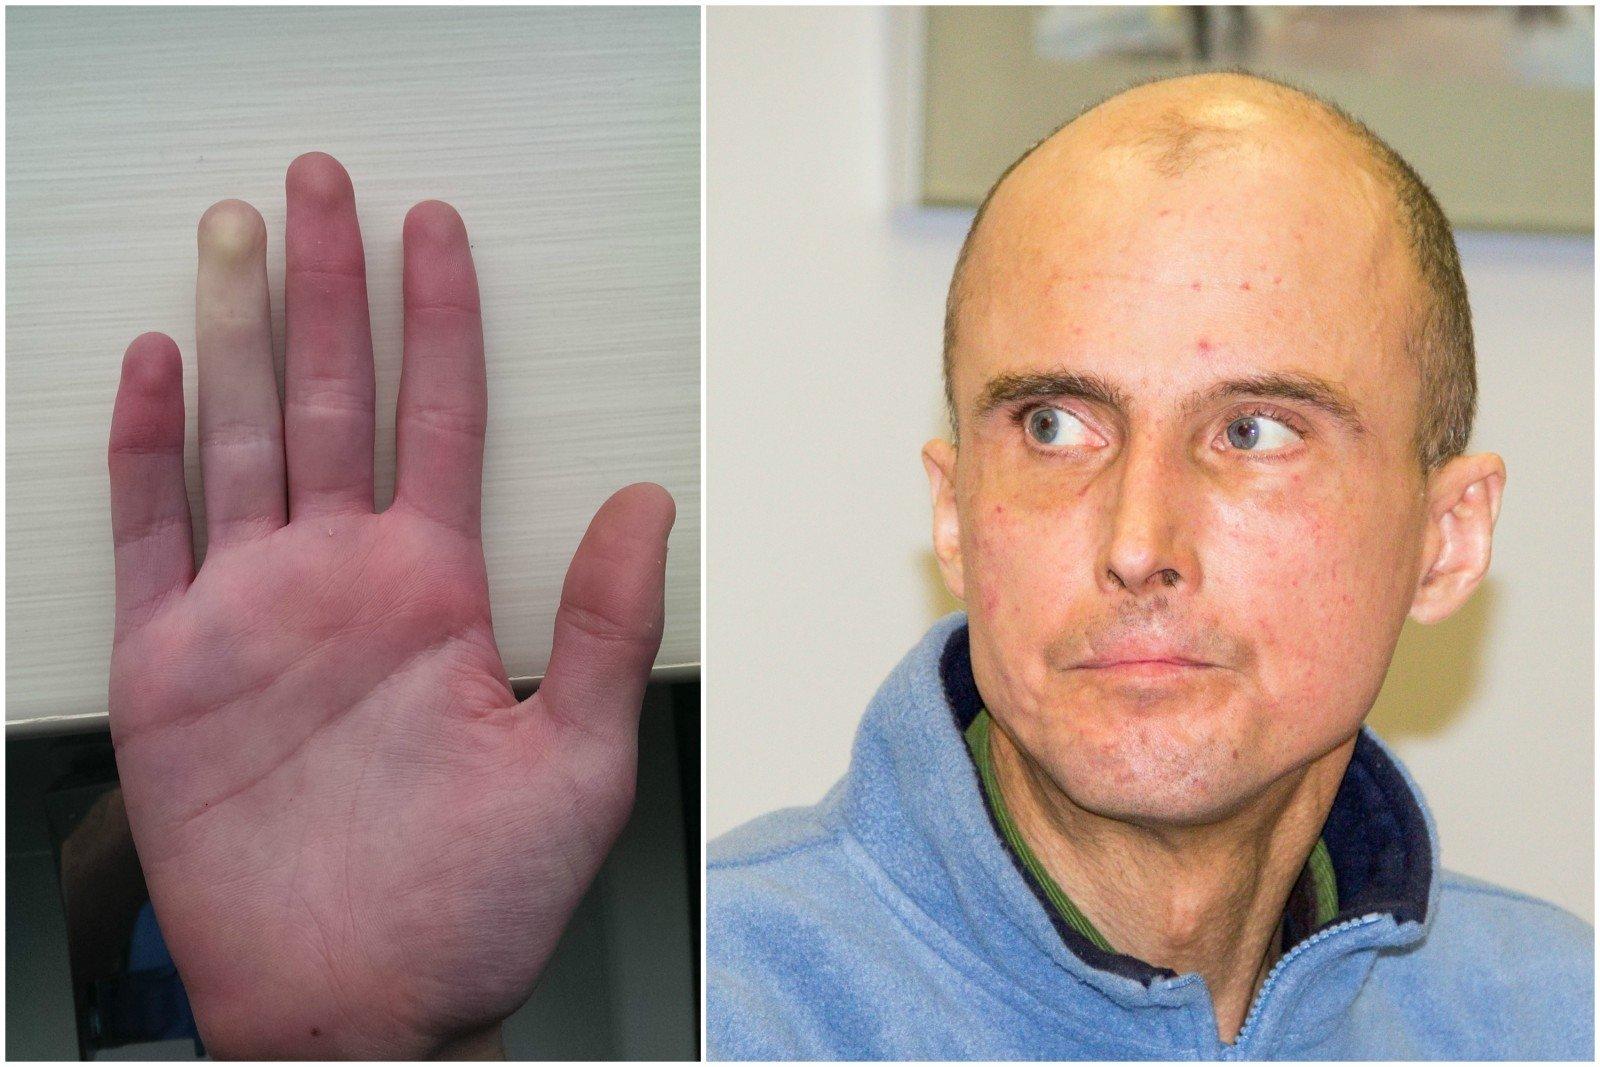 metodai osteoartrito sąnarių gydymo liaudies gynimo priemonės nuo osteoartrozės alkūnės sąnario